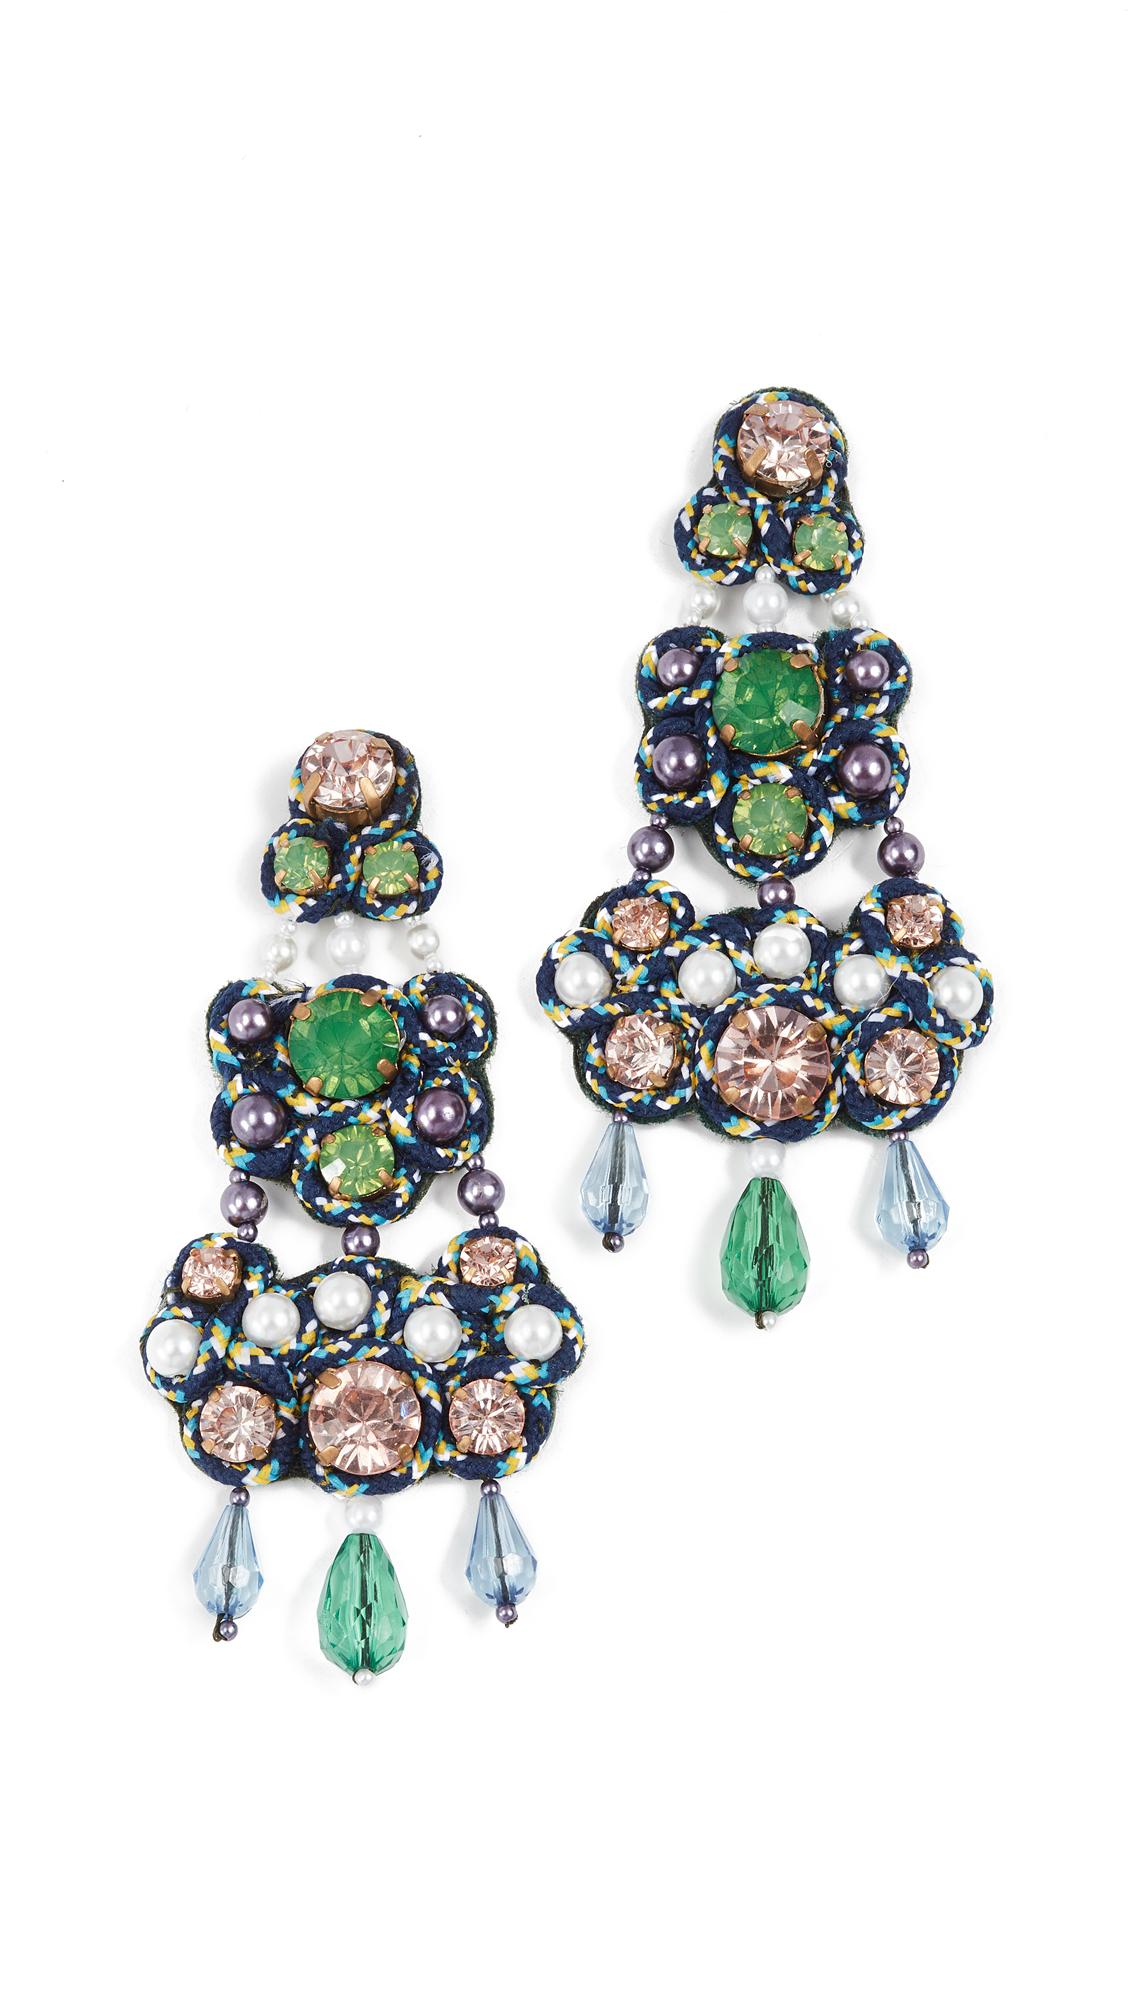 Tory Burch Beaded Chandelier Earrings - Turquoise/Green/Blue